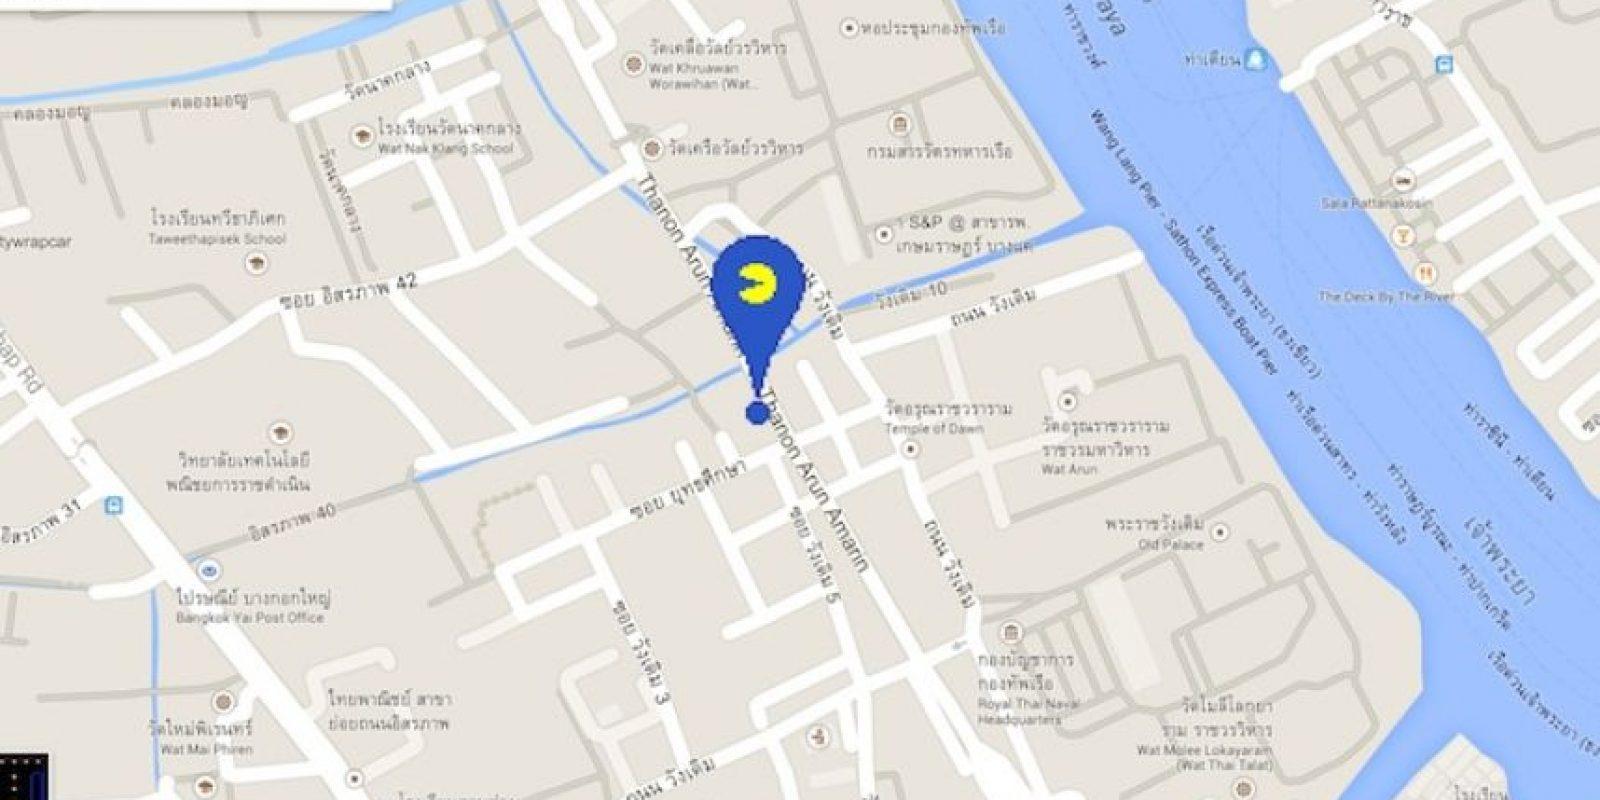 El marcador que deben localizar para empezar a jugar. Foto:Google Maps